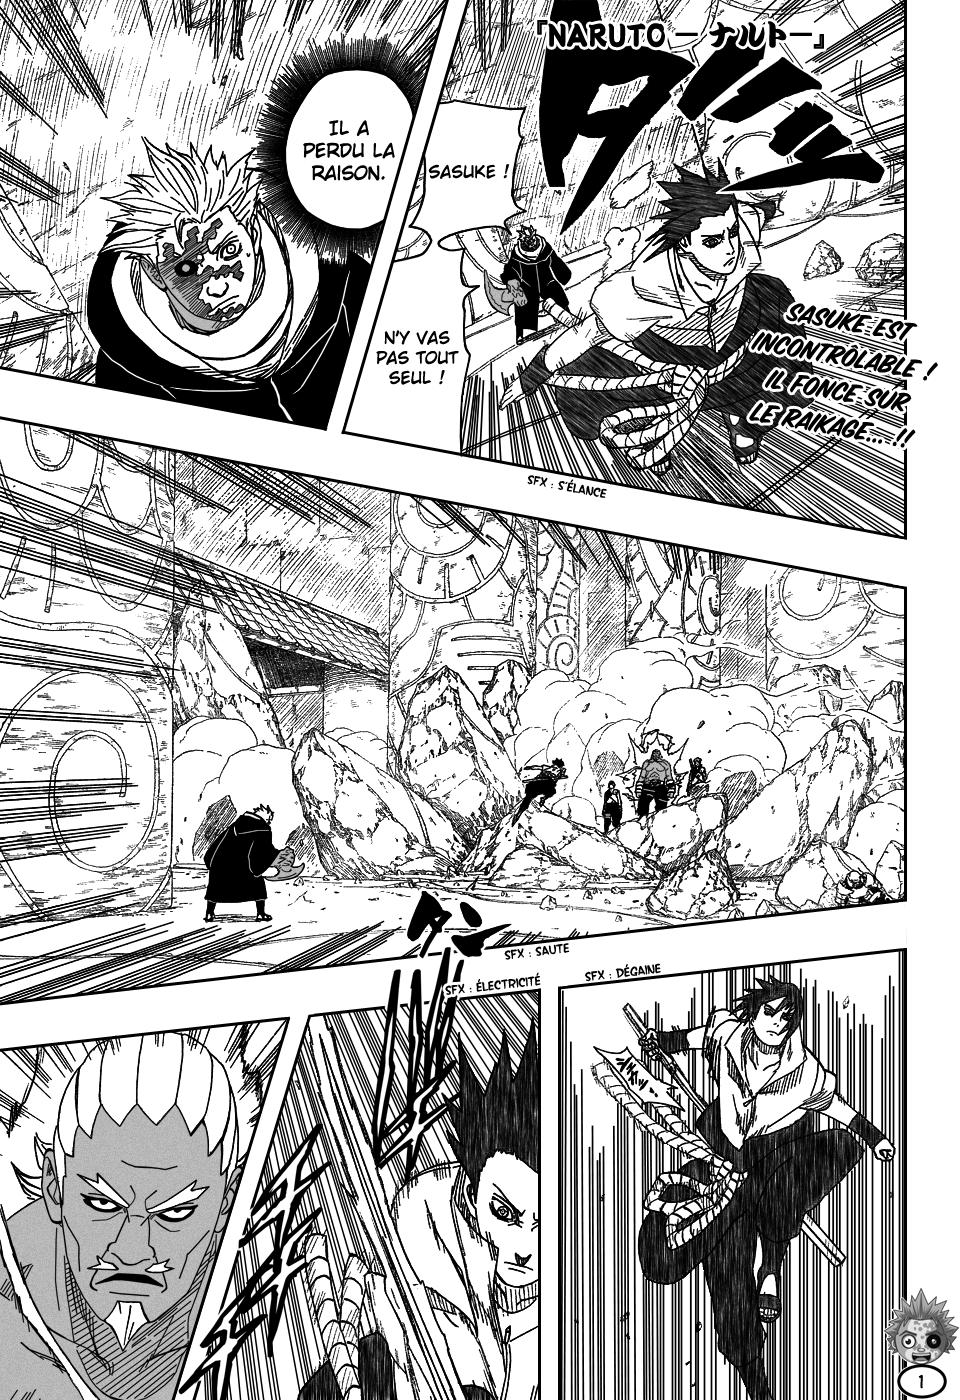 Naruto chapitre 461 - Page 1